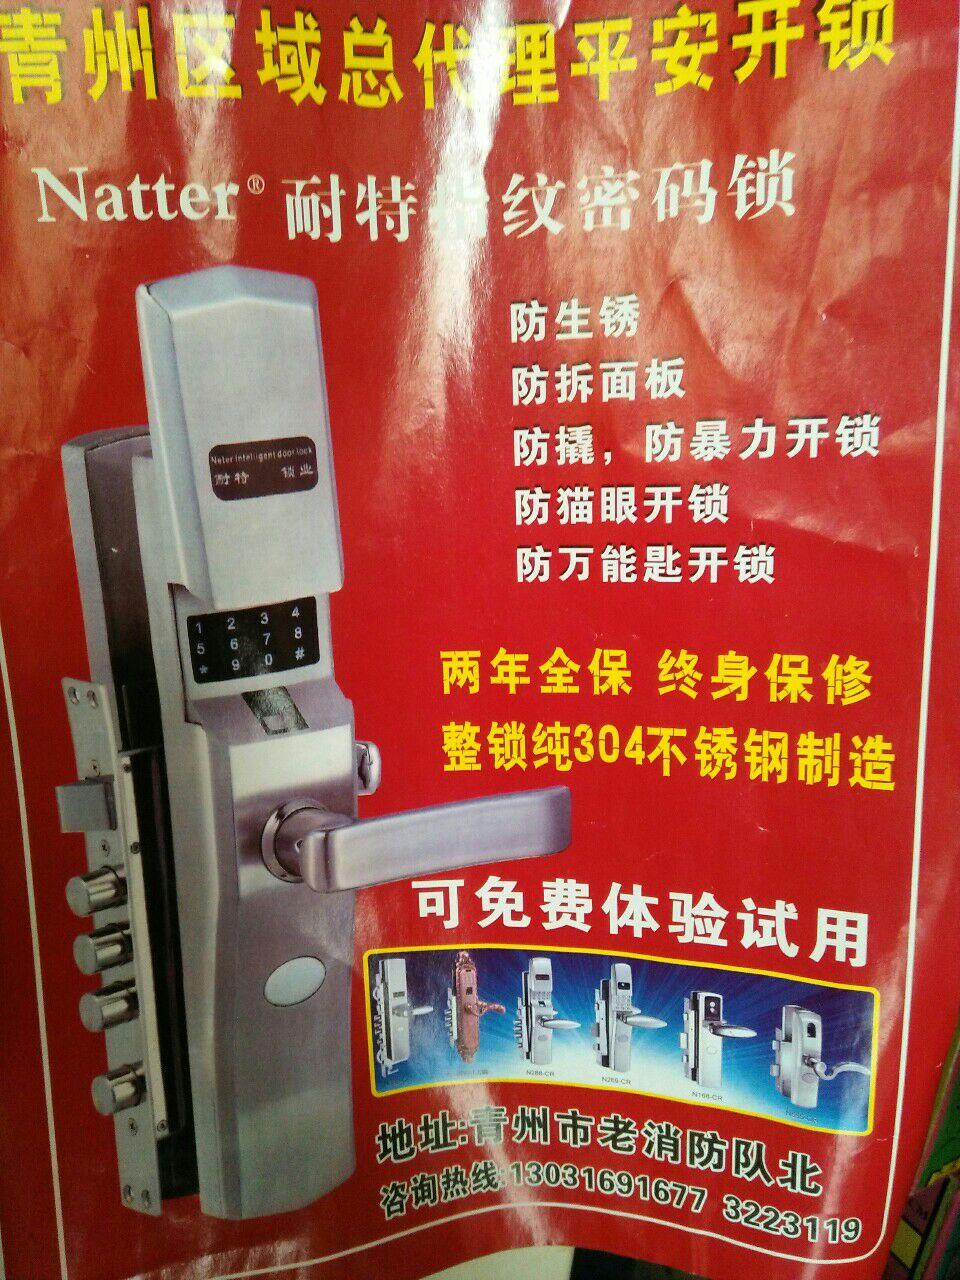 青州開鎖電話3223119平安開鎖公司